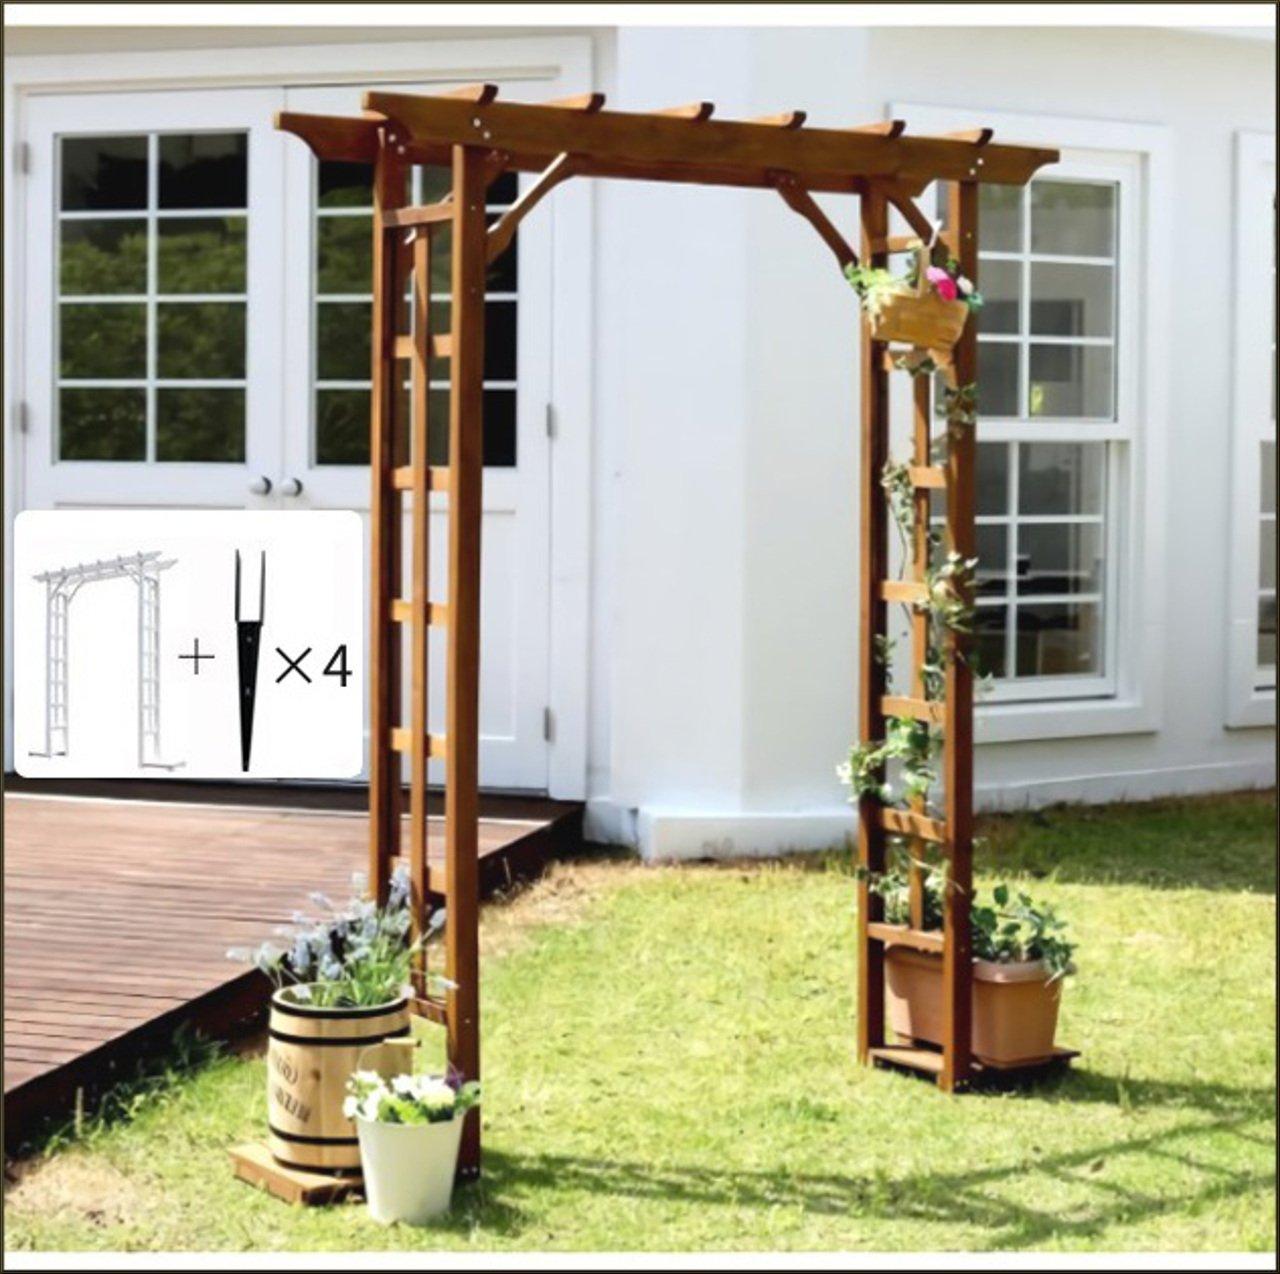 AHEART ガーデンアーチ 支柱 ガーデニング バラ プランター 木製 アーチ SI 371 ブラウン 金具セット B07CXYPVN6 金具セット|ブラウン ブラウン 金具セット